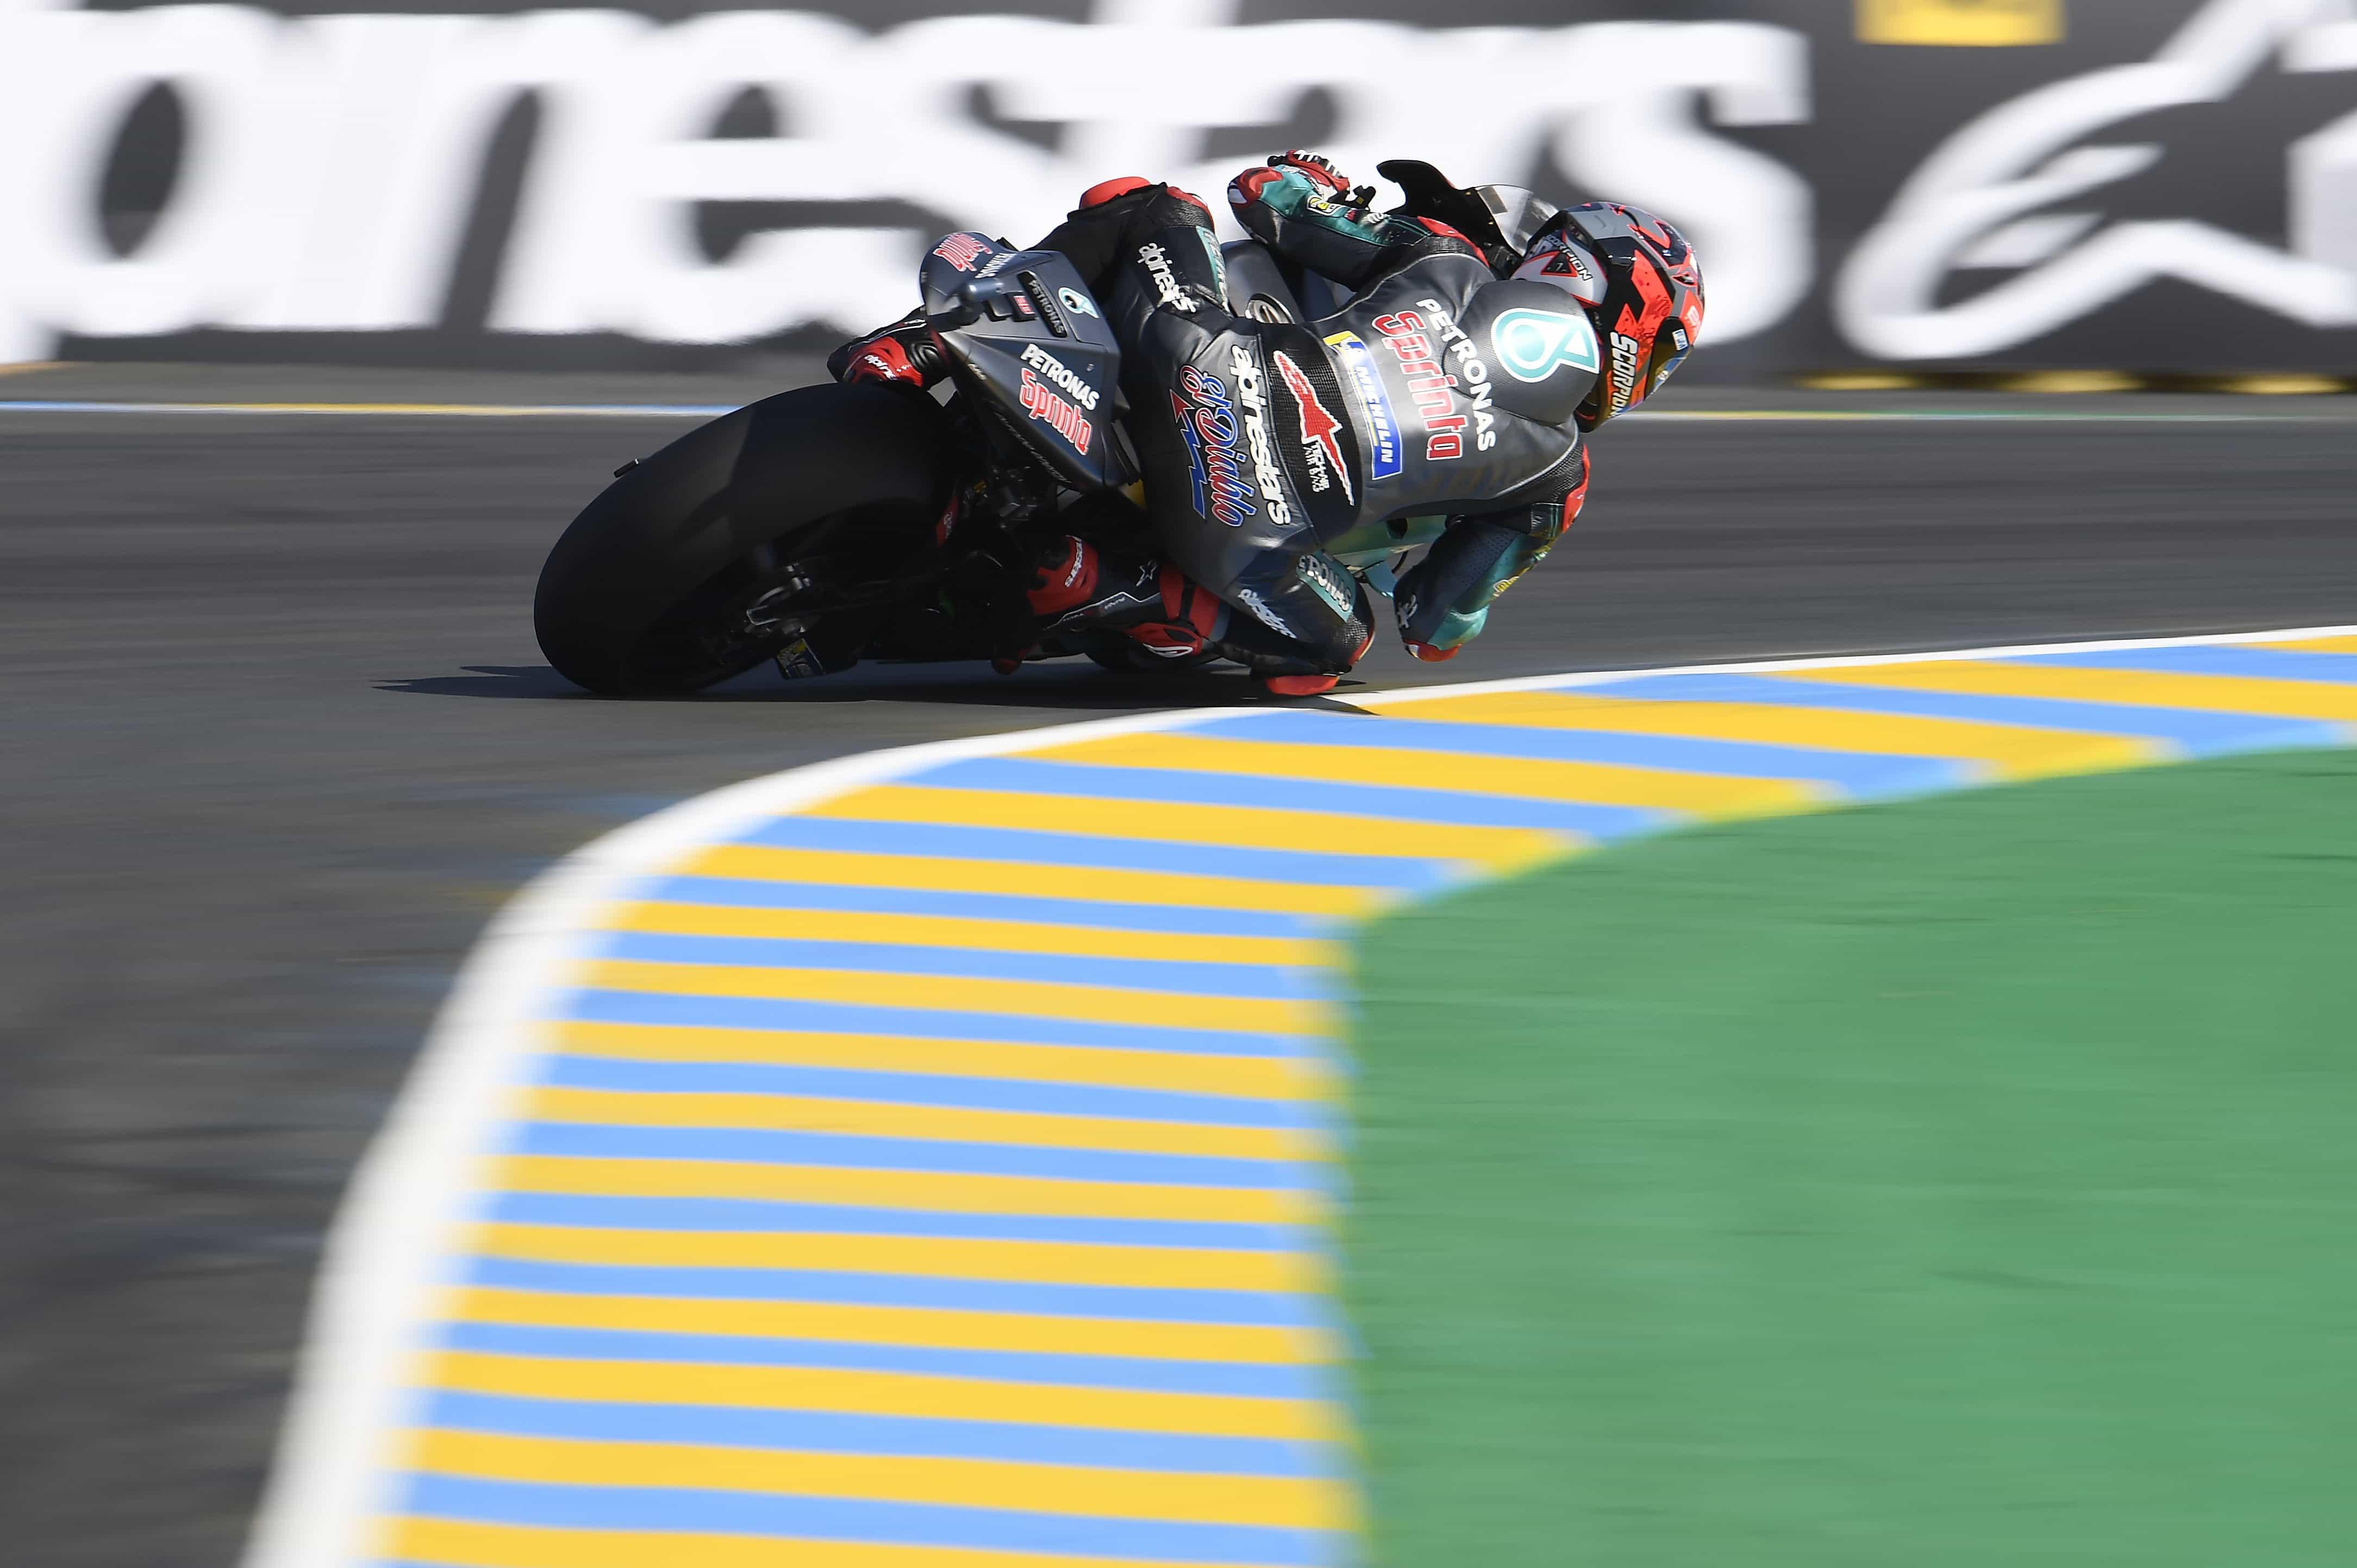 MotoGP2019イタリアGP クアルタラロ「グリッド位置とスタートを改善、ル・マン同様のペースで走れば満足いくレースになる」